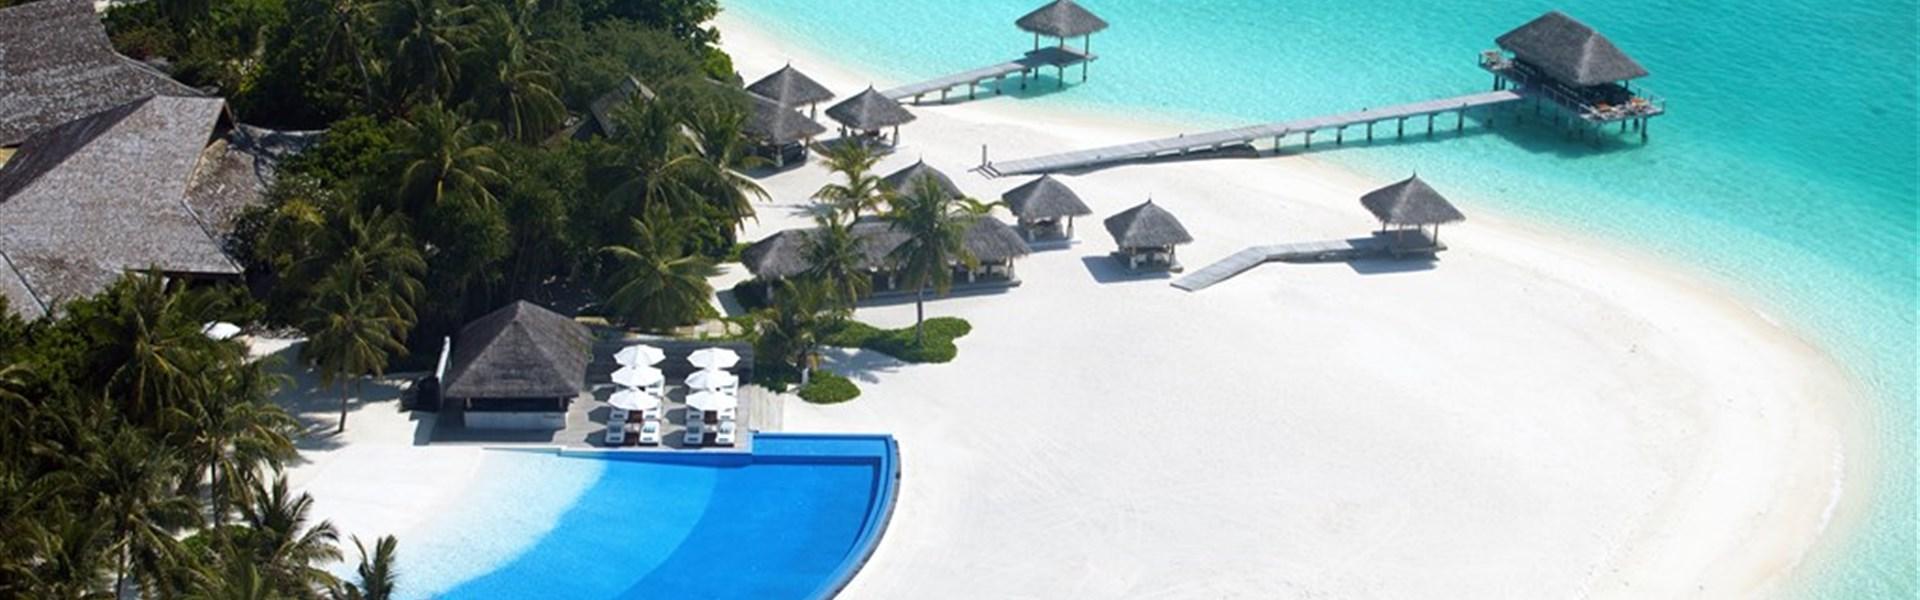 Marco Polo - Velassaru Maldives 5* - - pláž s bazénem